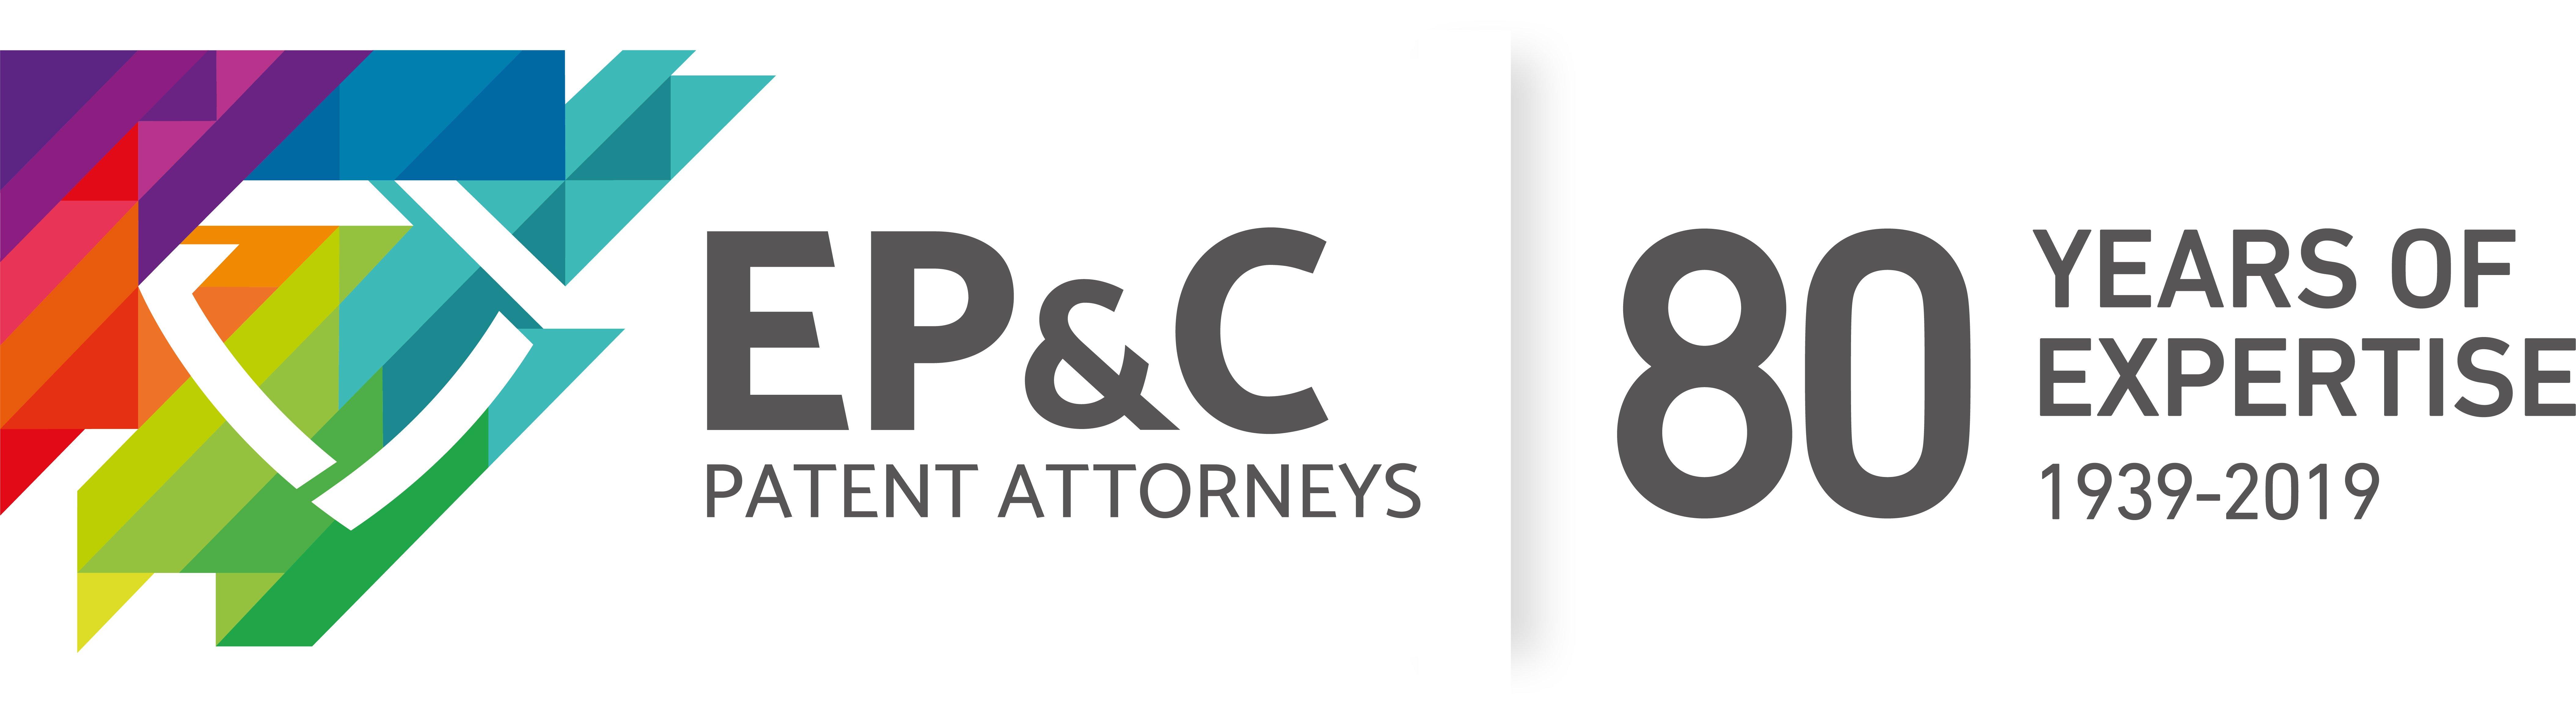 EP&C logo met 80 years of expertise_handtekening_2018